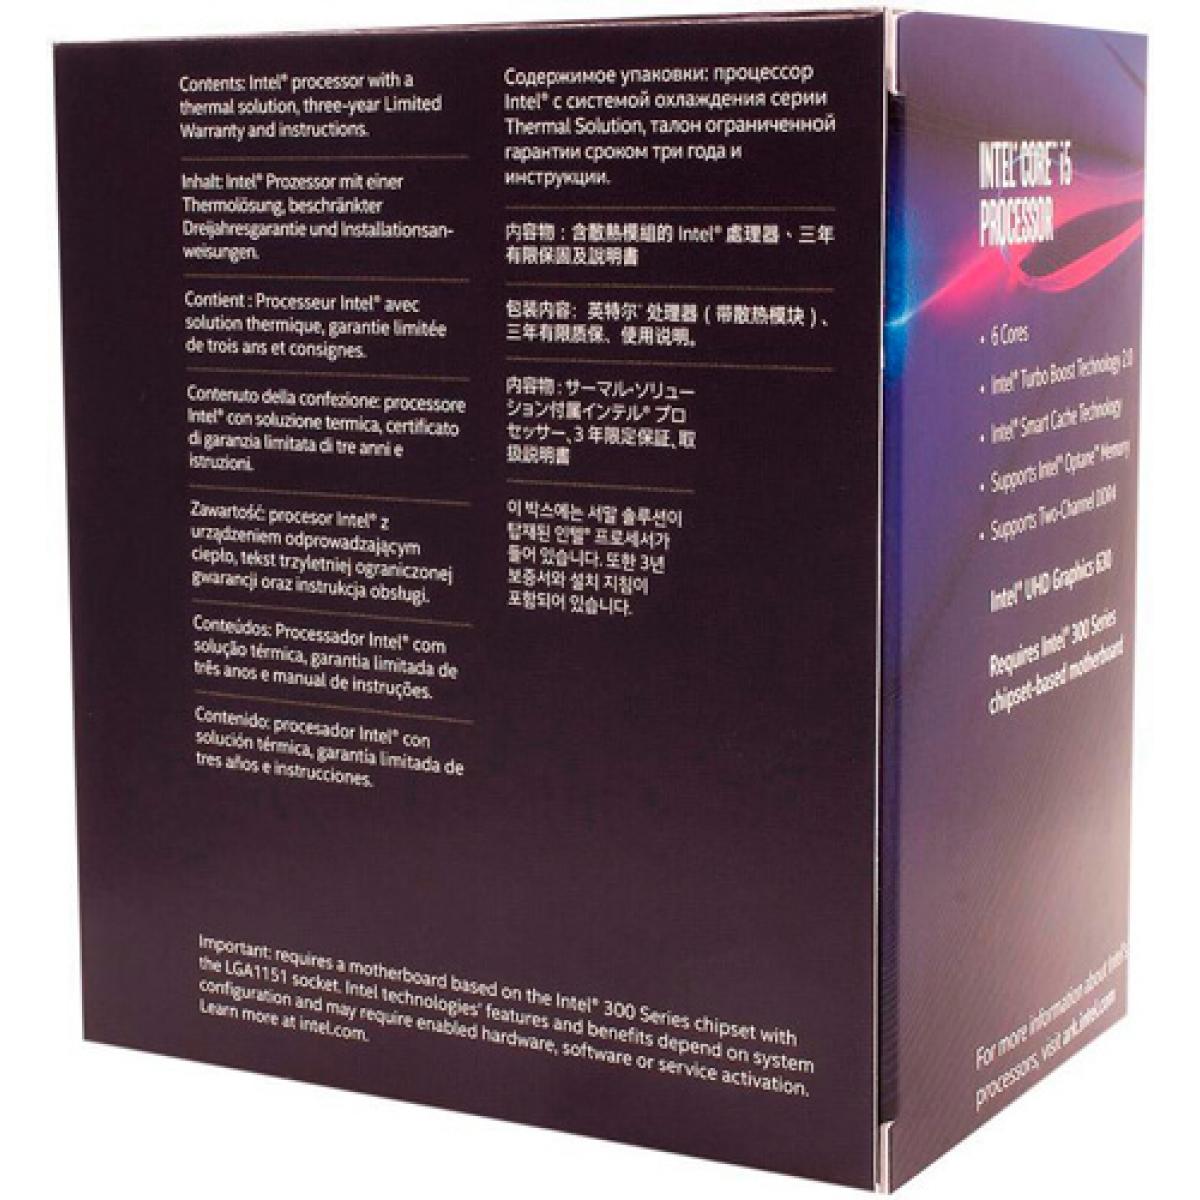 Processador Intel Core i5 8600 3.1GHz (4.3GHz Turbo), 8ª Geração, 6-Core 6-Thread, LGA 1151, BX80684I58600